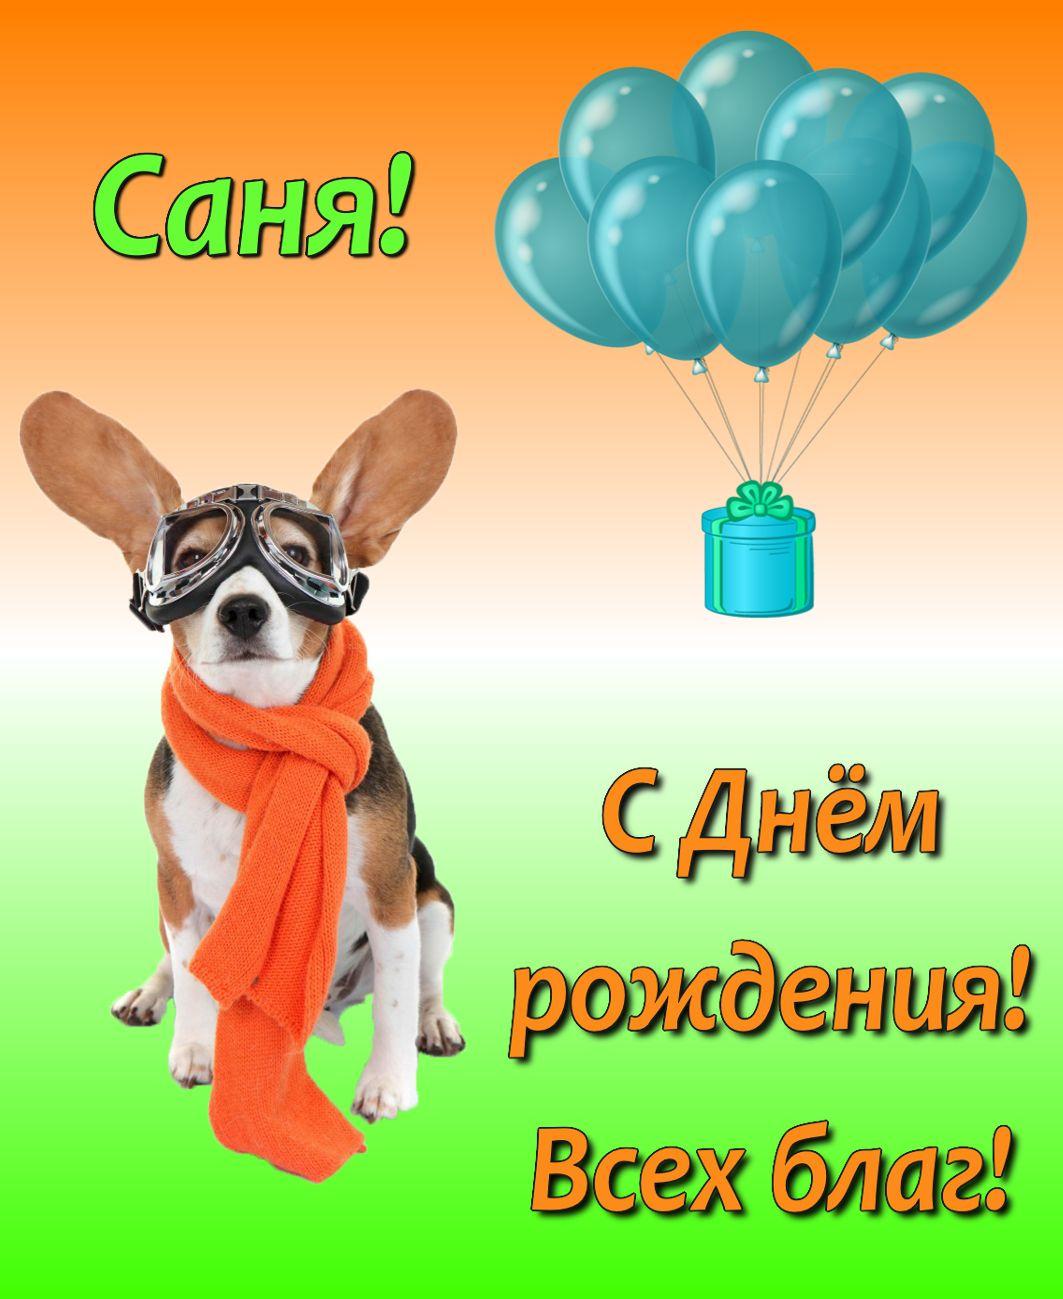 Открытки для сани с днем рождения, открытки пожеланиями